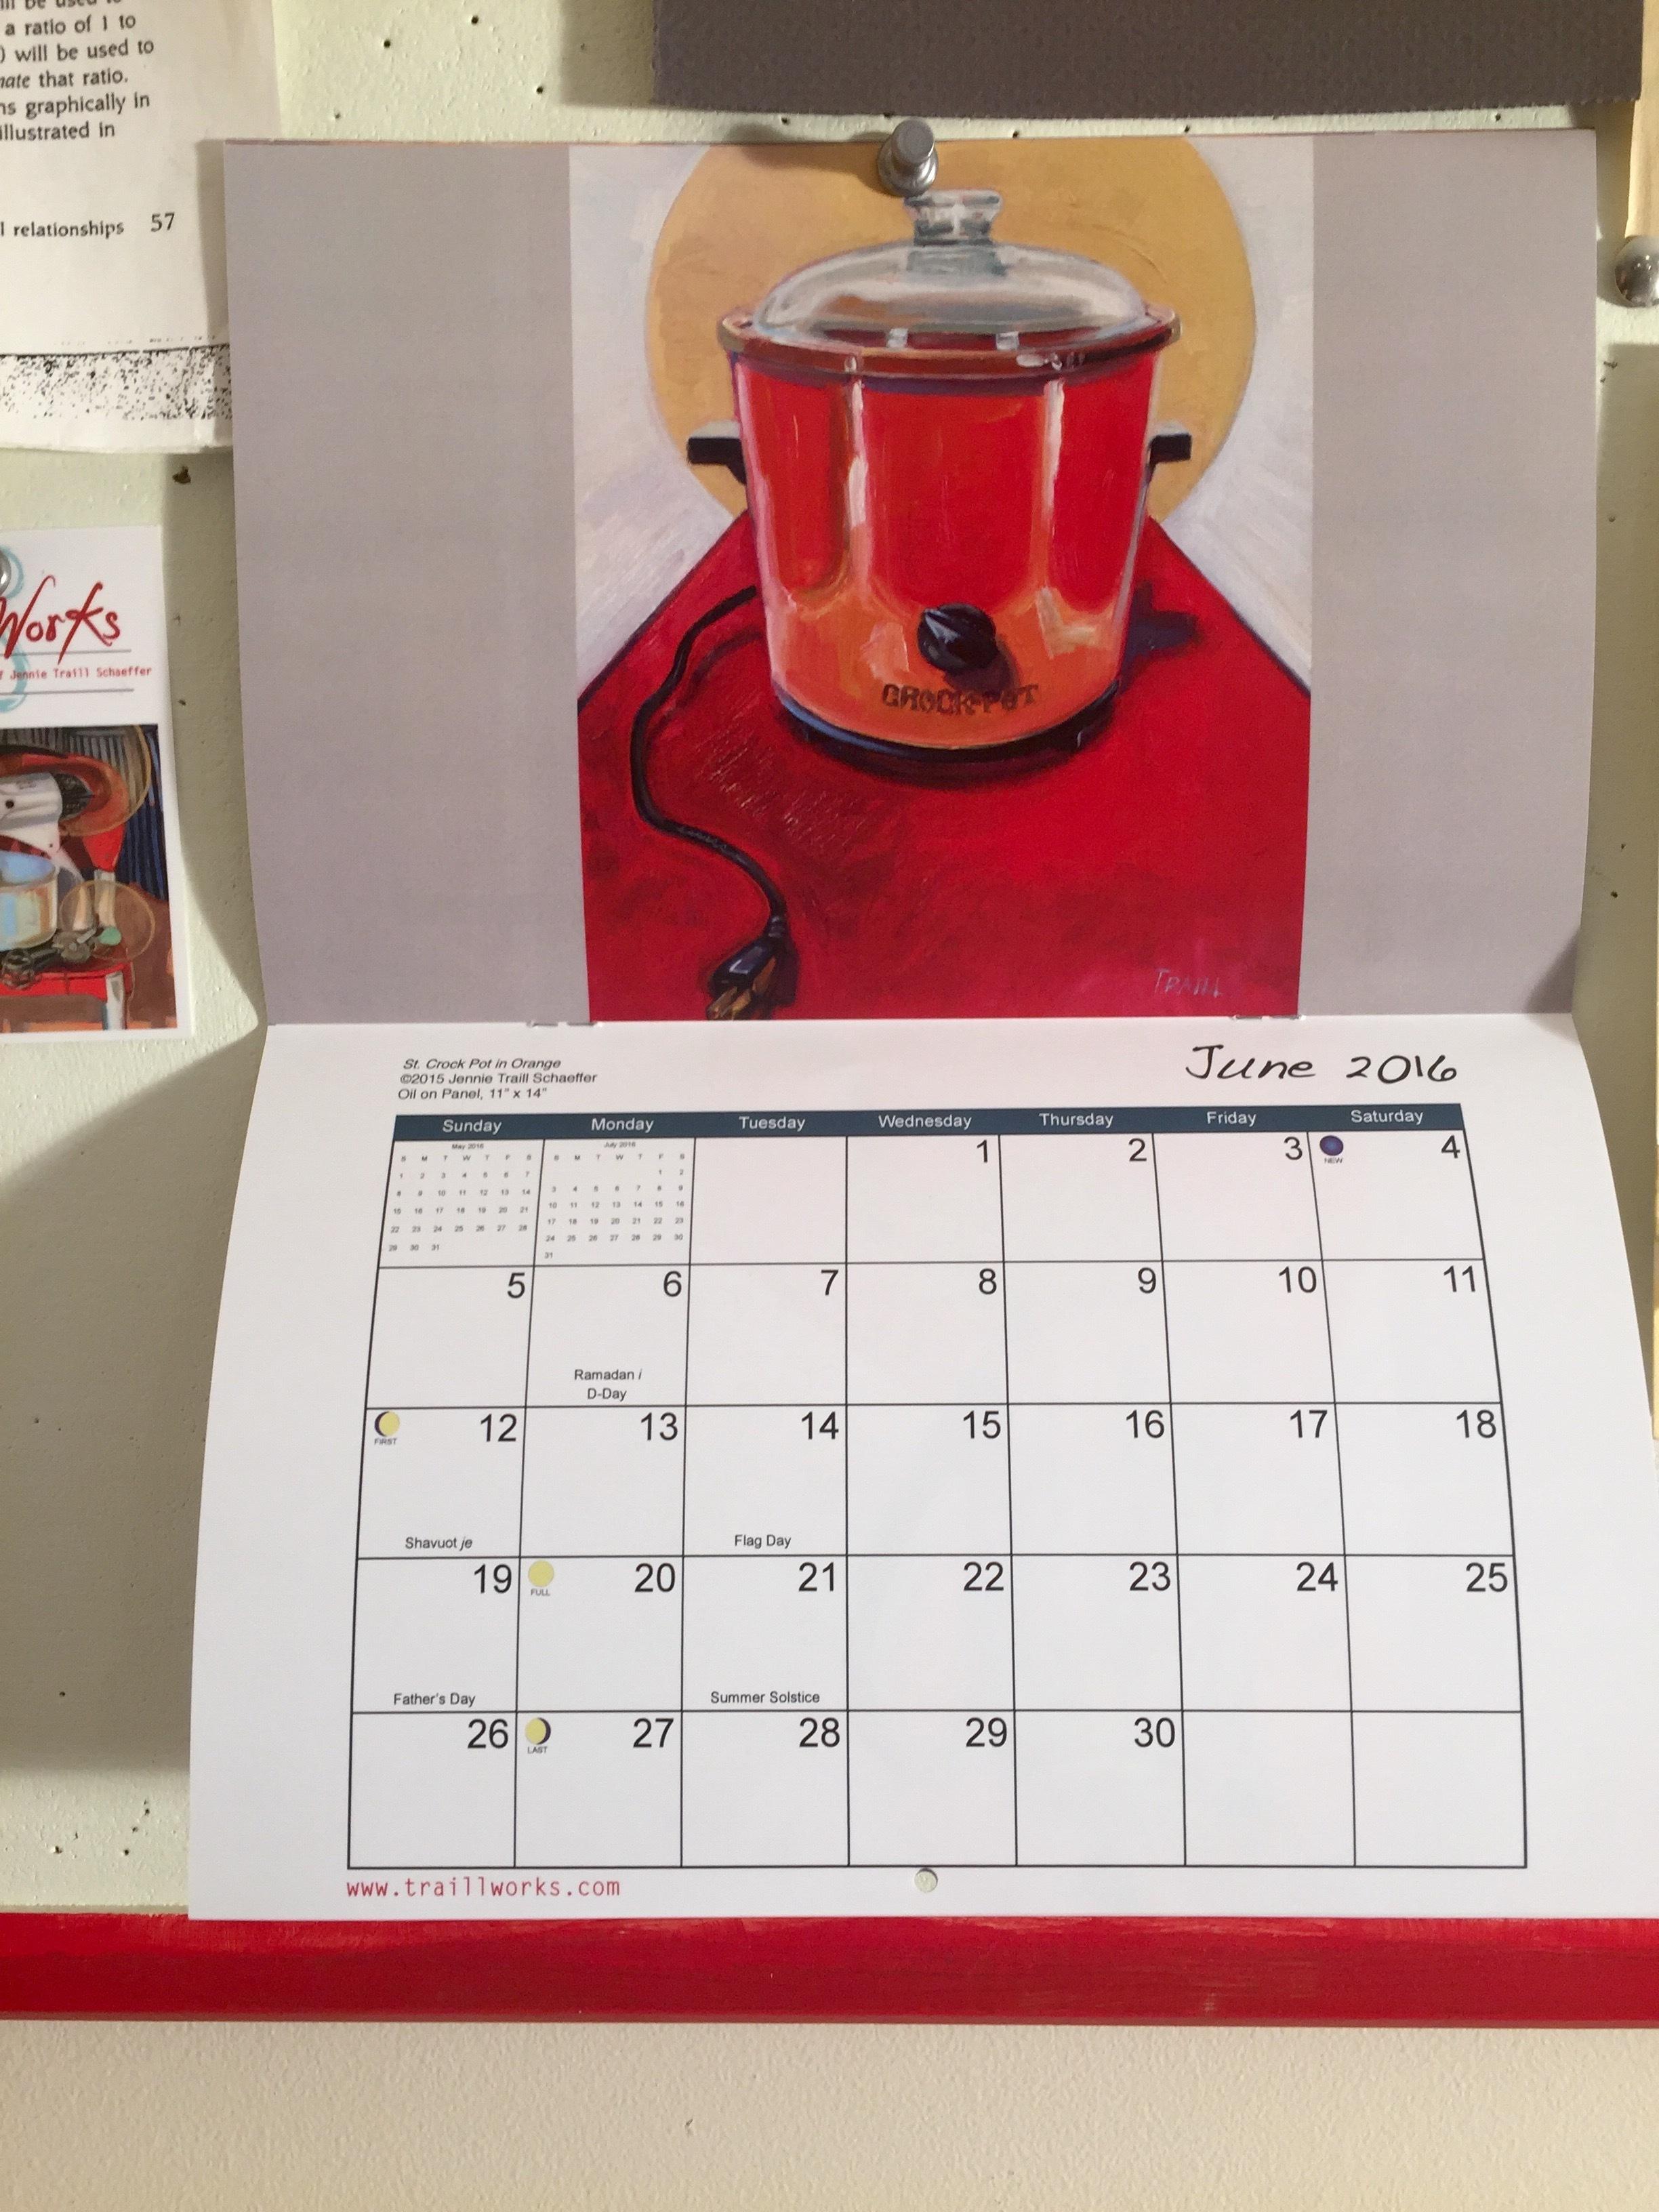 8387a7fa44842aaaf058_Calendar_OnWall2.jpg